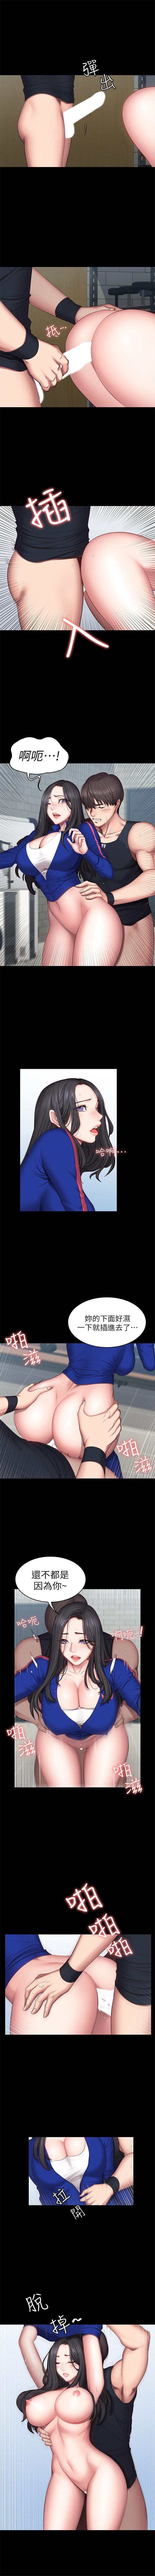 健身教練 1-56 官方中文(連載中) 264